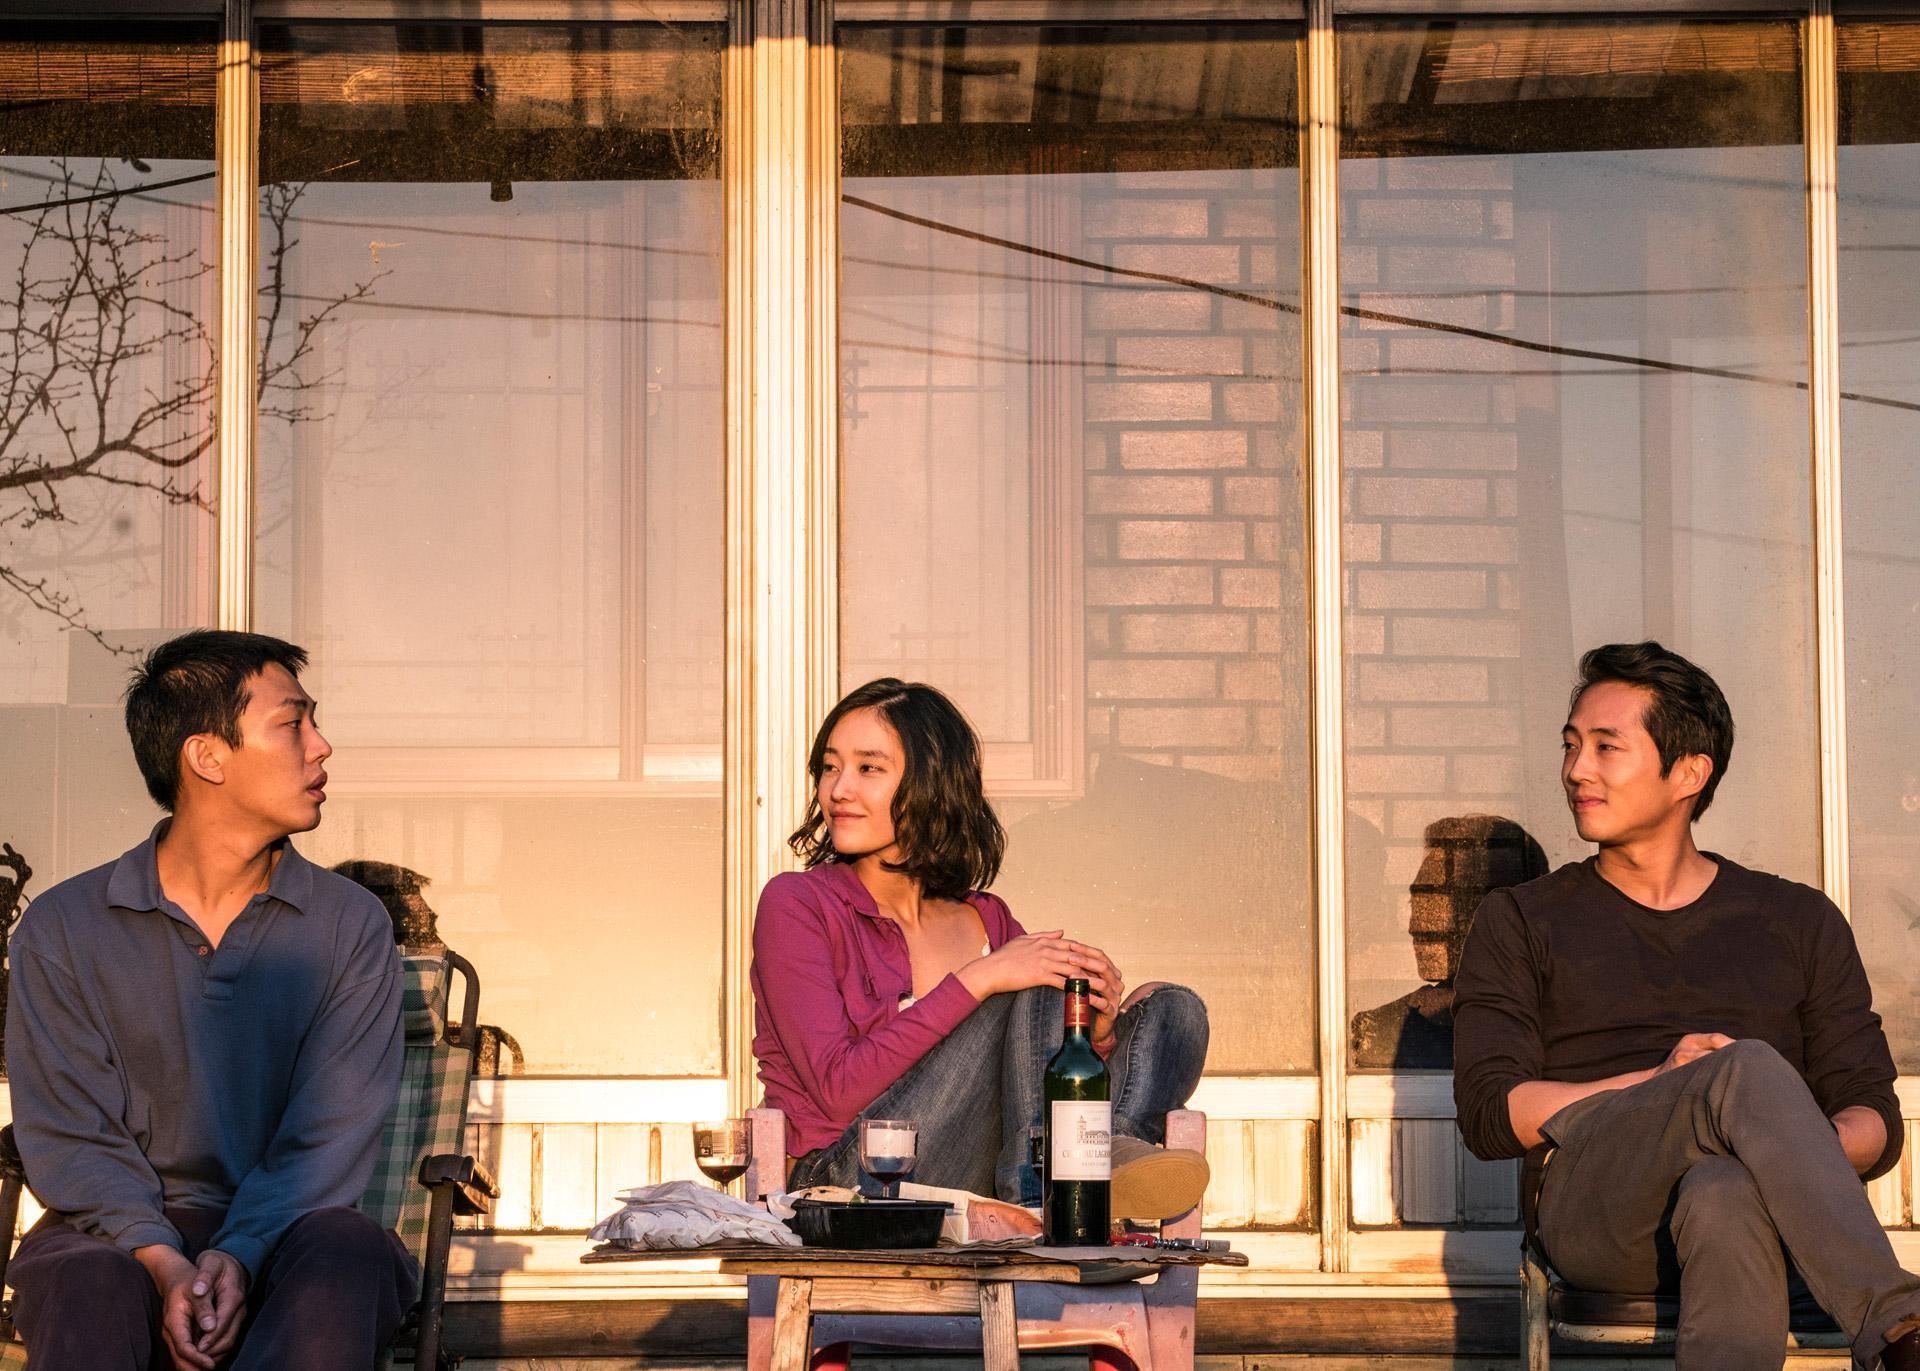 劉亞仁(左起)、全鍾淑、史蒂芬元憑藉《燃燒烈愛》,各自入圍釜日電影獎男主角、女新人、男配角獎項。(華聯電影提供)